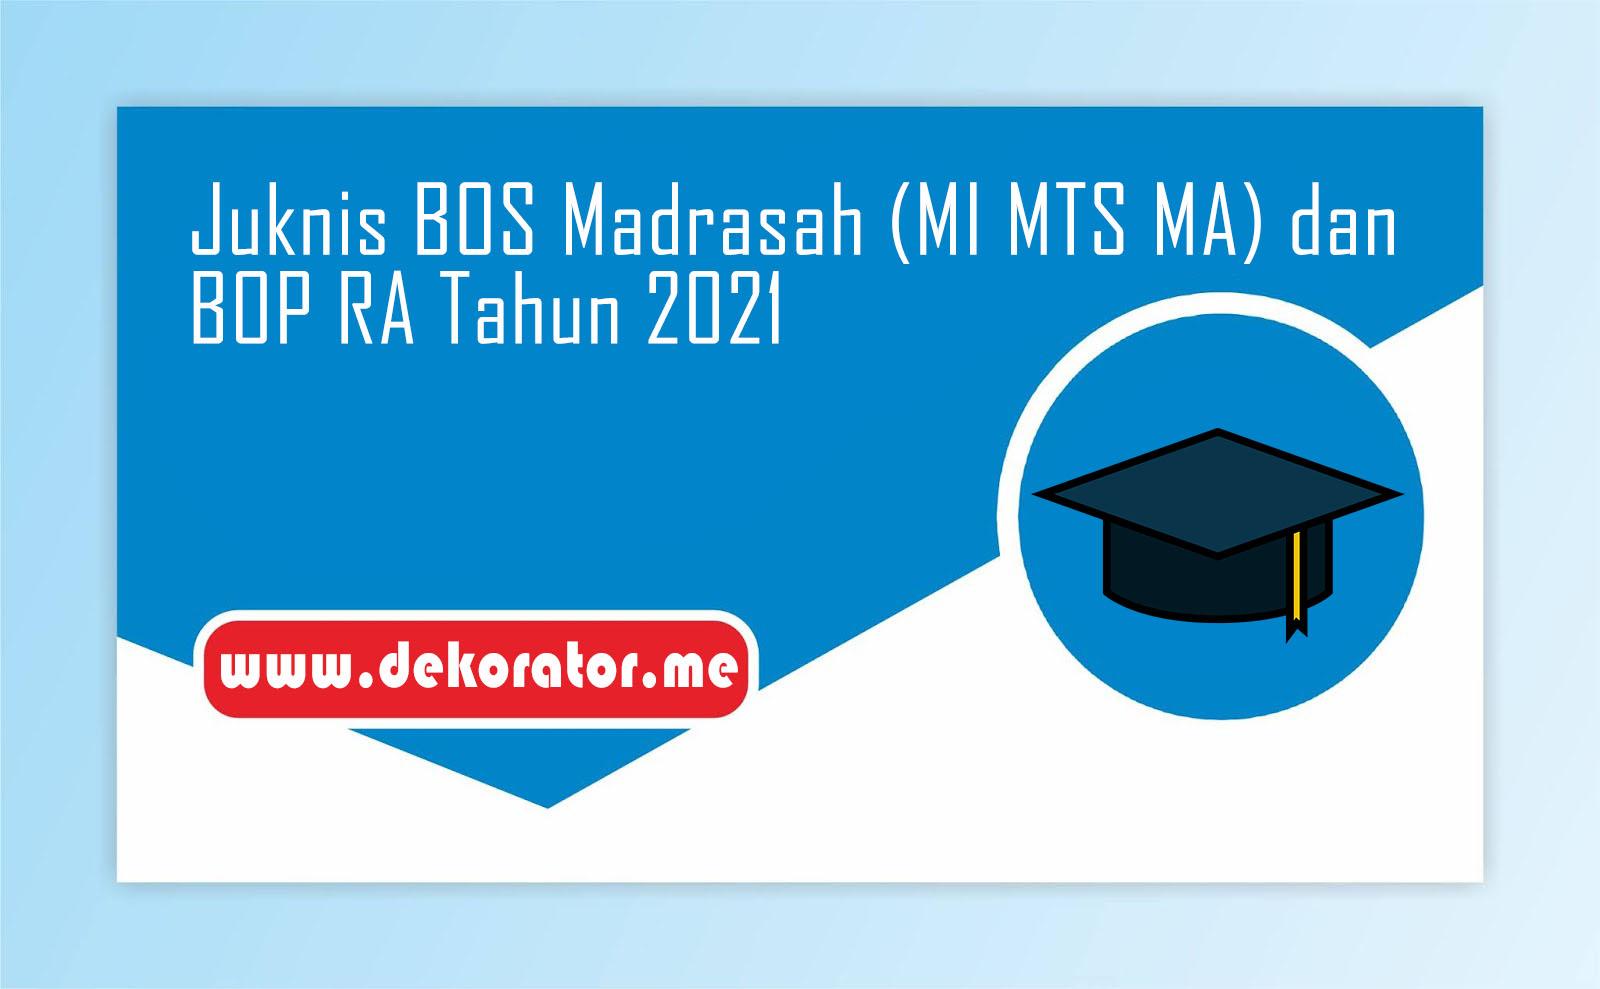 Juknis BOS Madrasah (MI MTS MA) Dan BOP RA Tahun 2021